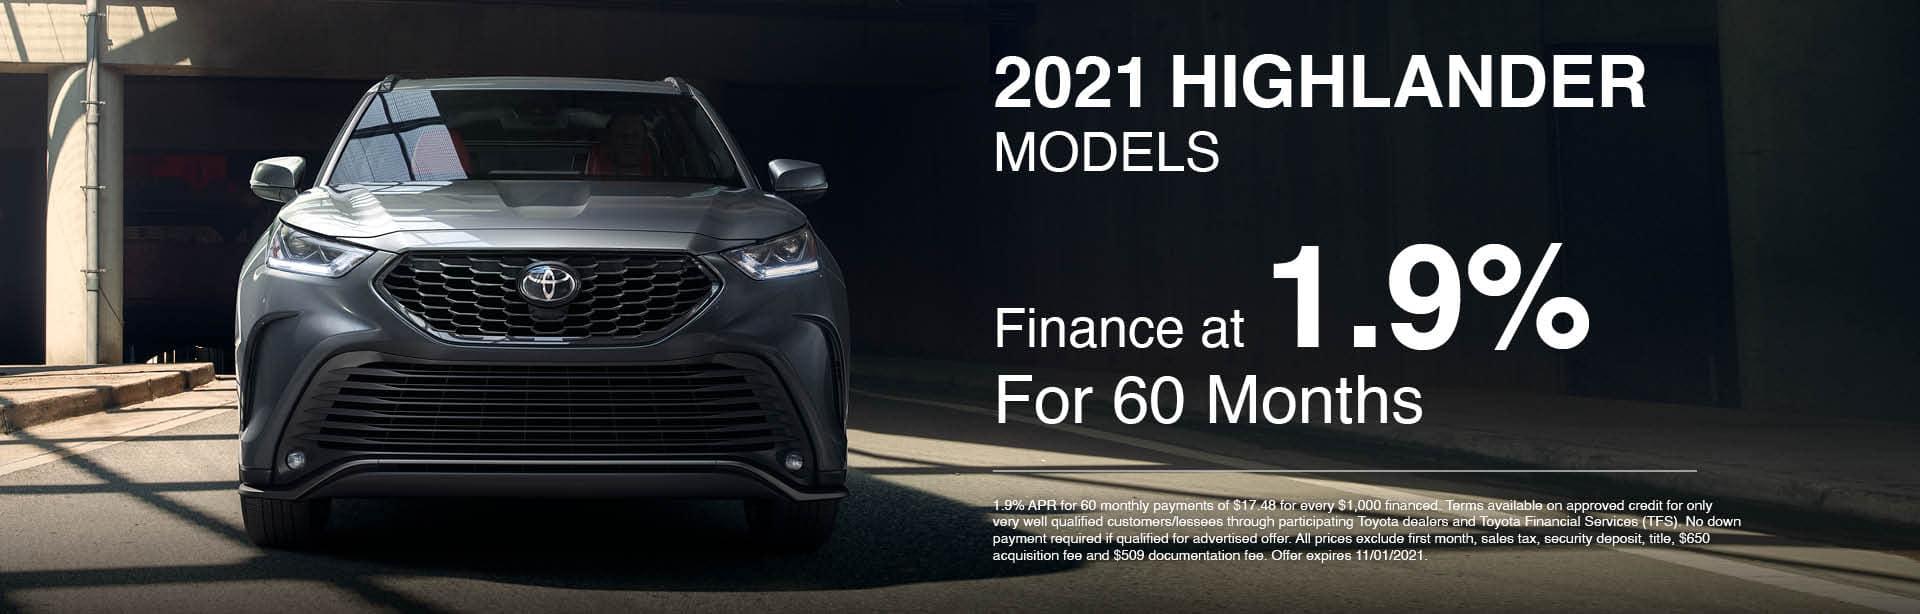 2021 Highlander Models